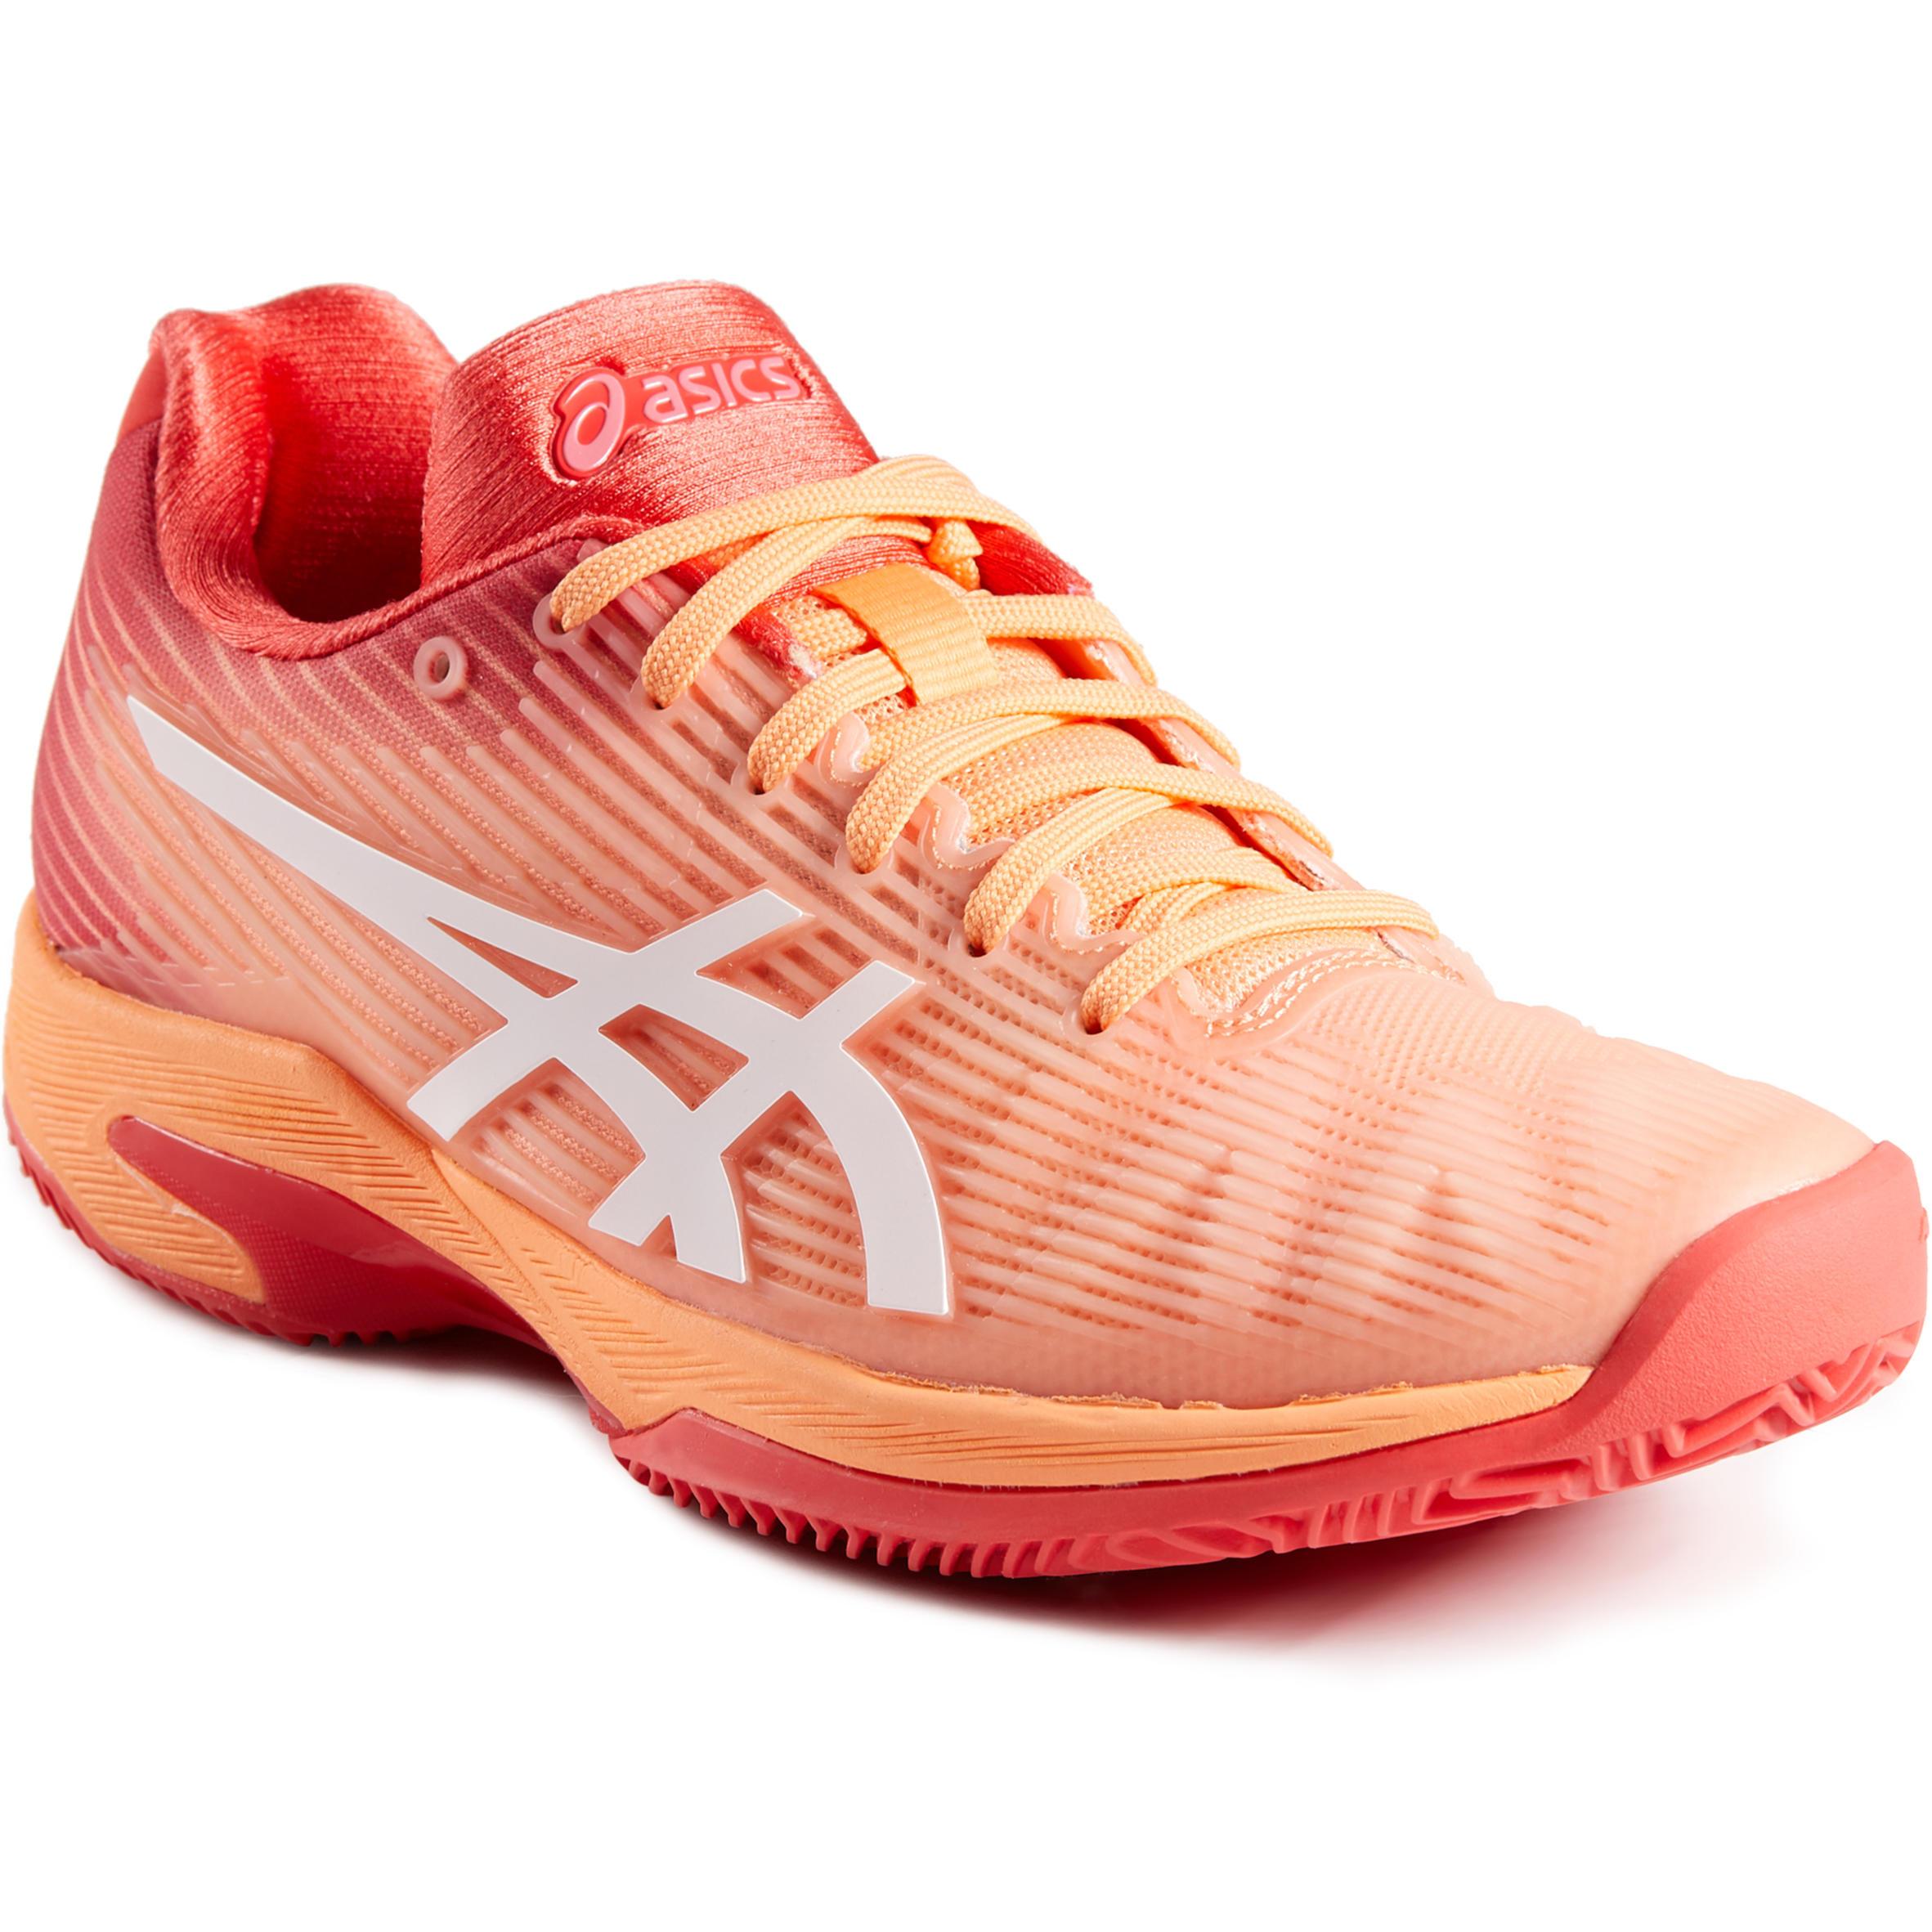 2462391 Asics Tennisschoenen voor dames Speed Clay koraalrood